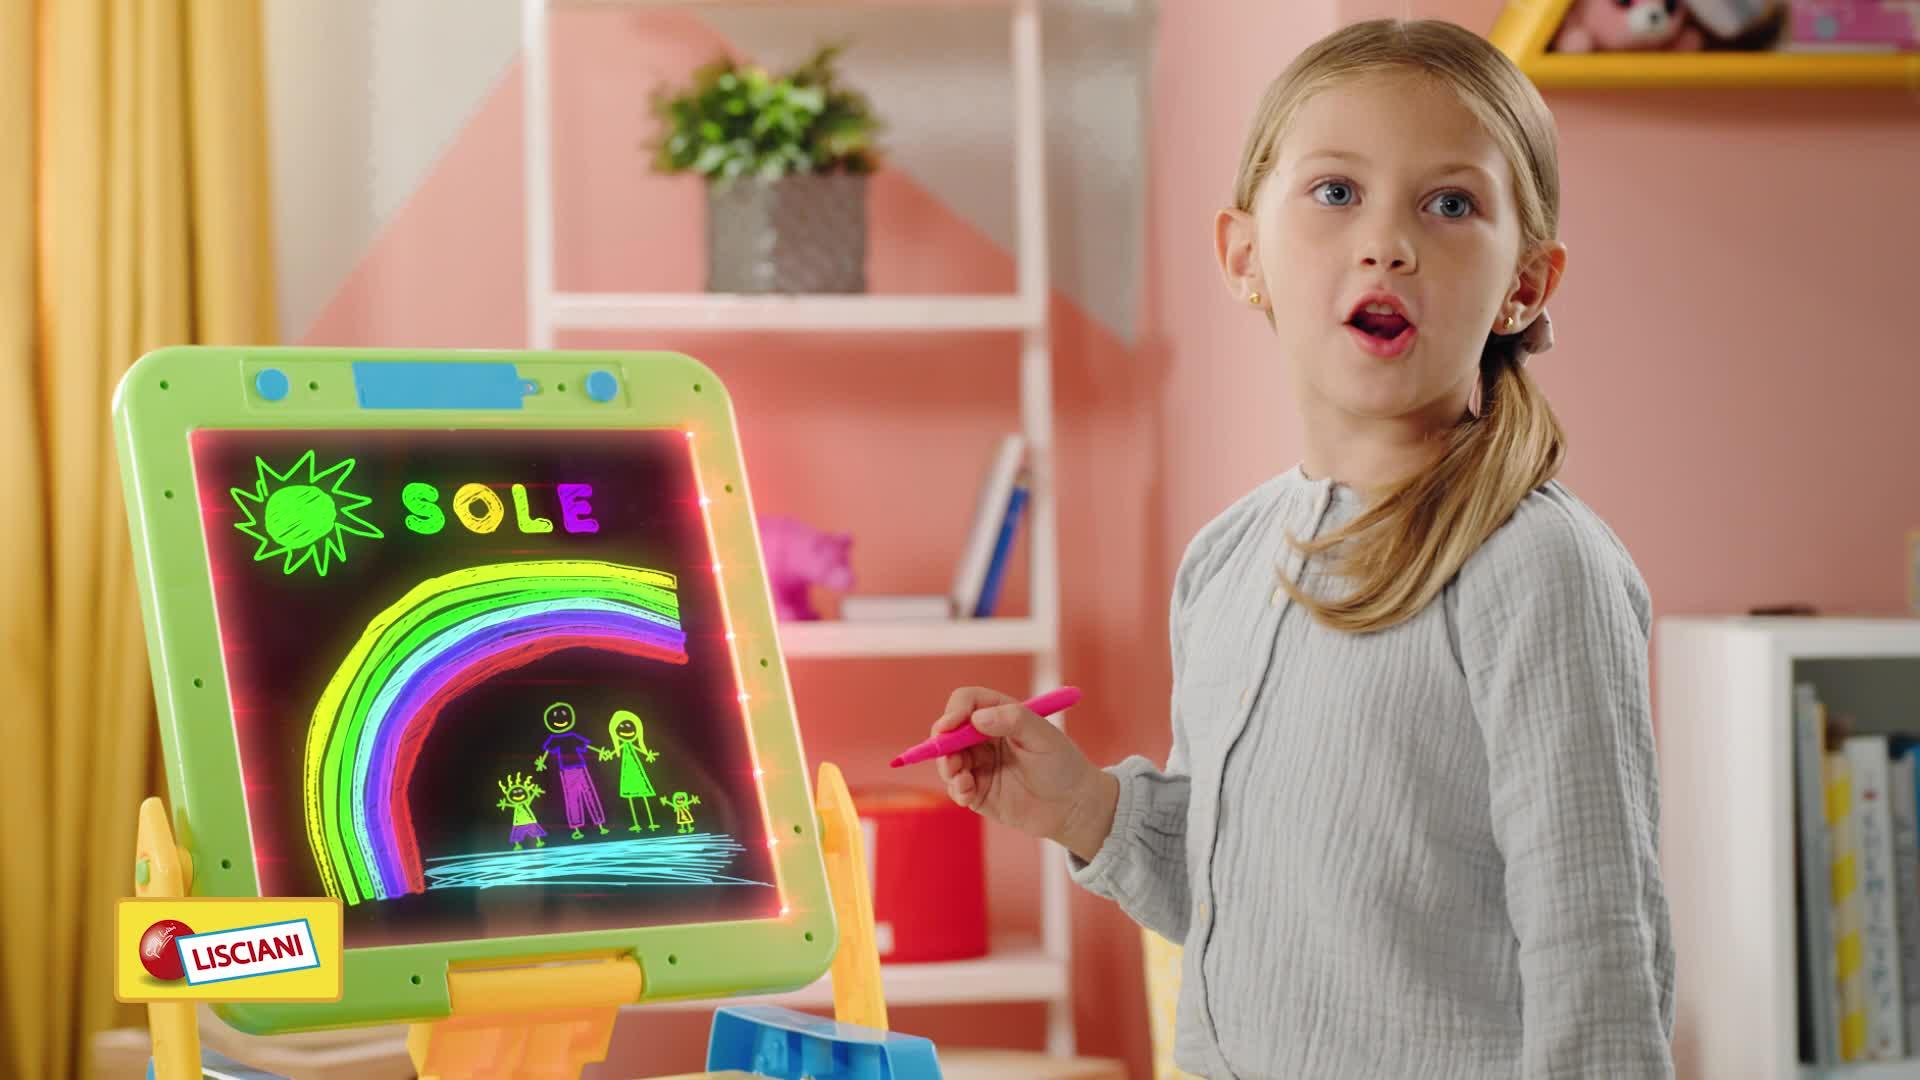 Lisciani Giochi 77441 Gioco Per Bambini Carotina Lavagna Led 2019 Amazon It Giochi E Giocattoli